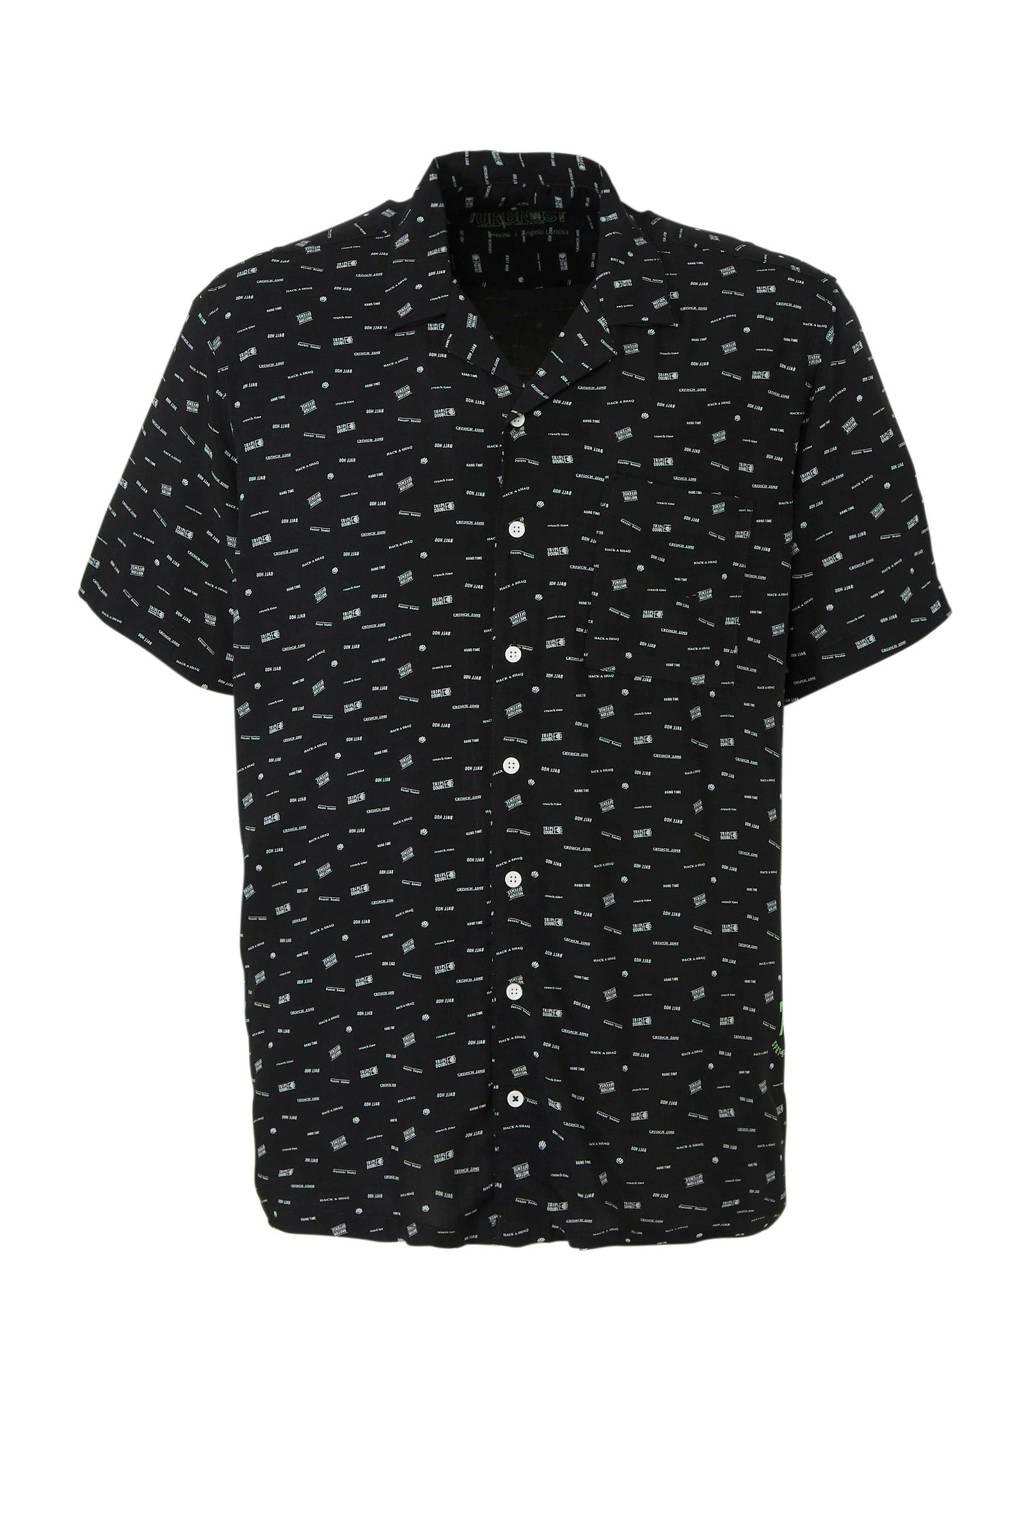 C&A XL Angelo Litrico overhemd, Zwart